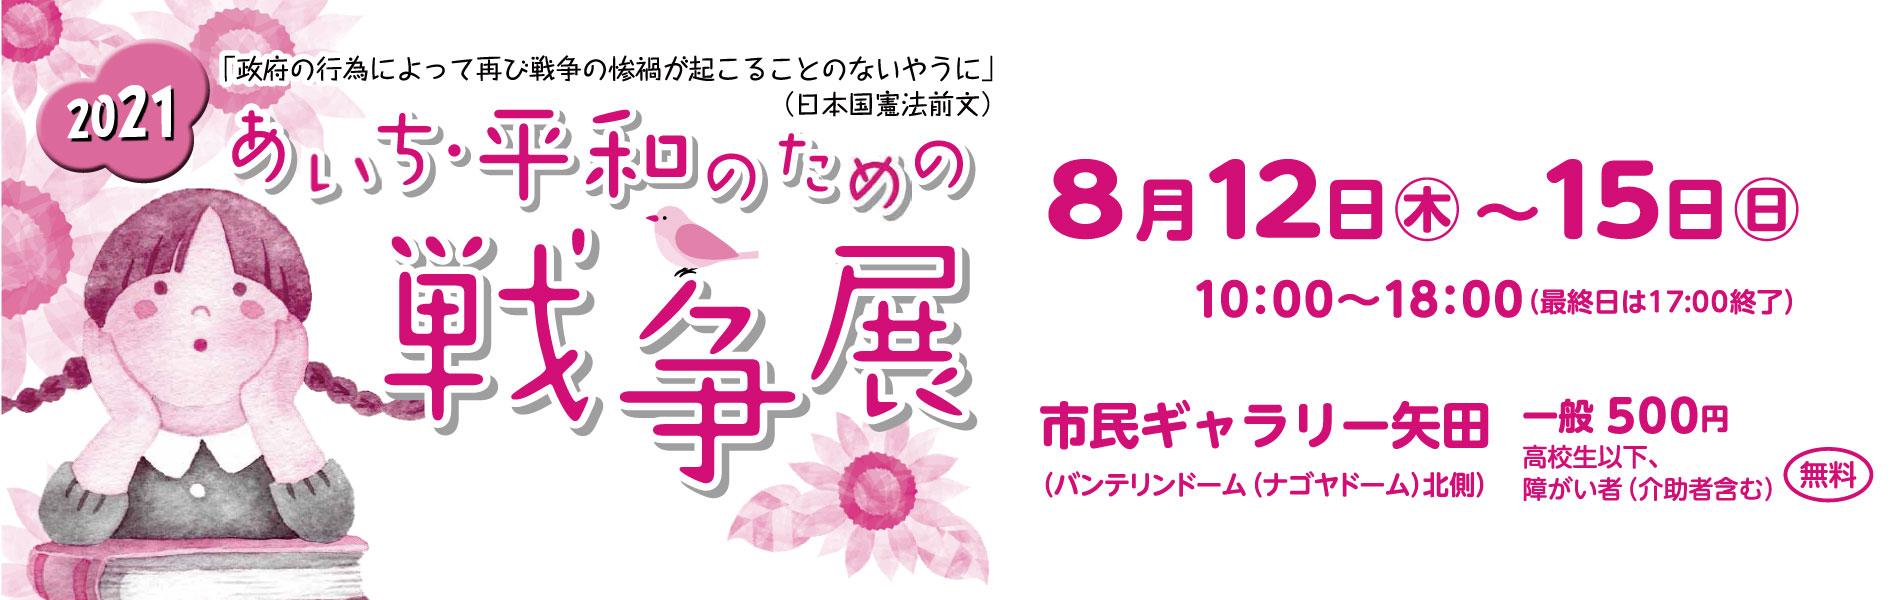 2021年3・1ビキニデー 日本原水協全国集会・分科会(オンライン)